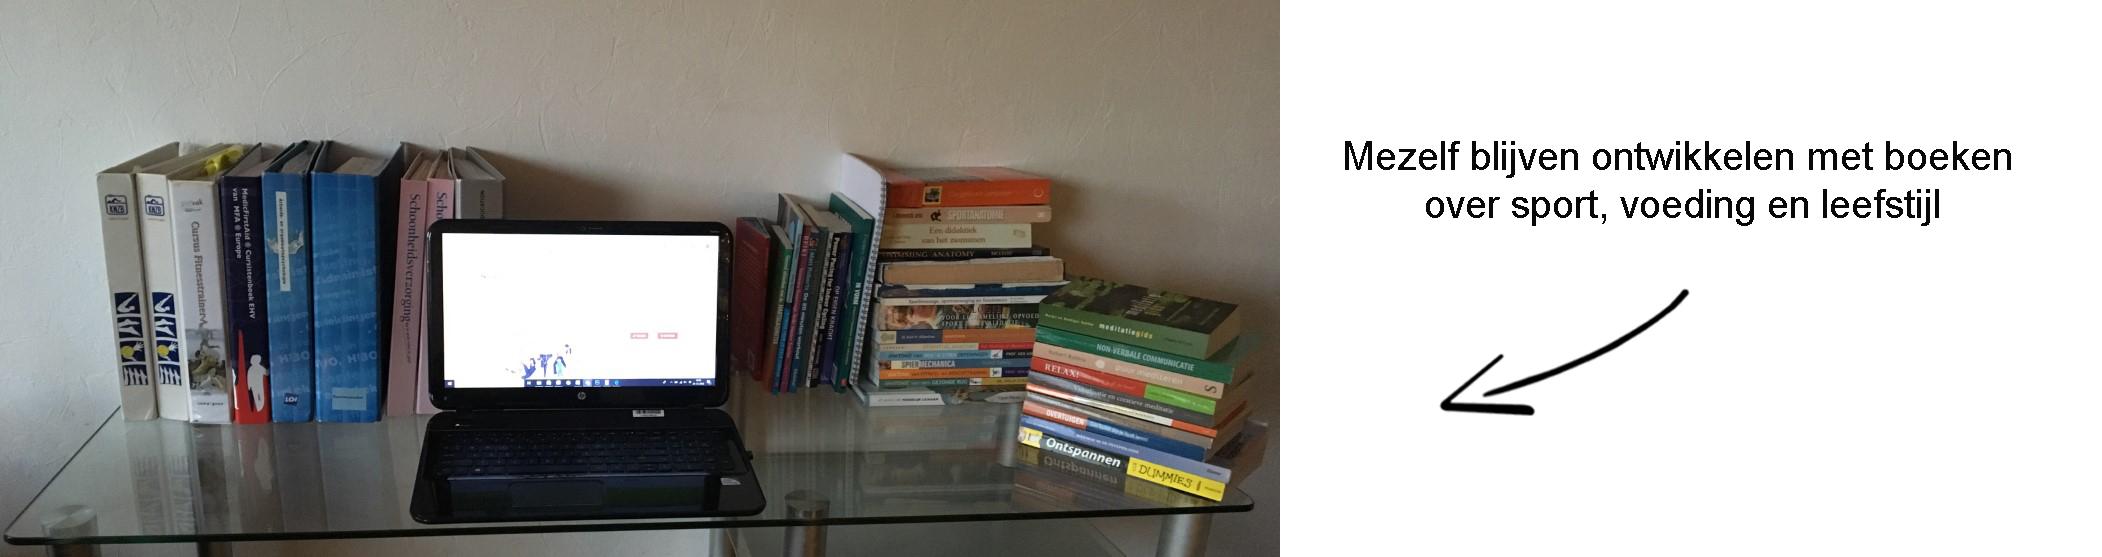 Boeken over sport, voeding en leefstijl